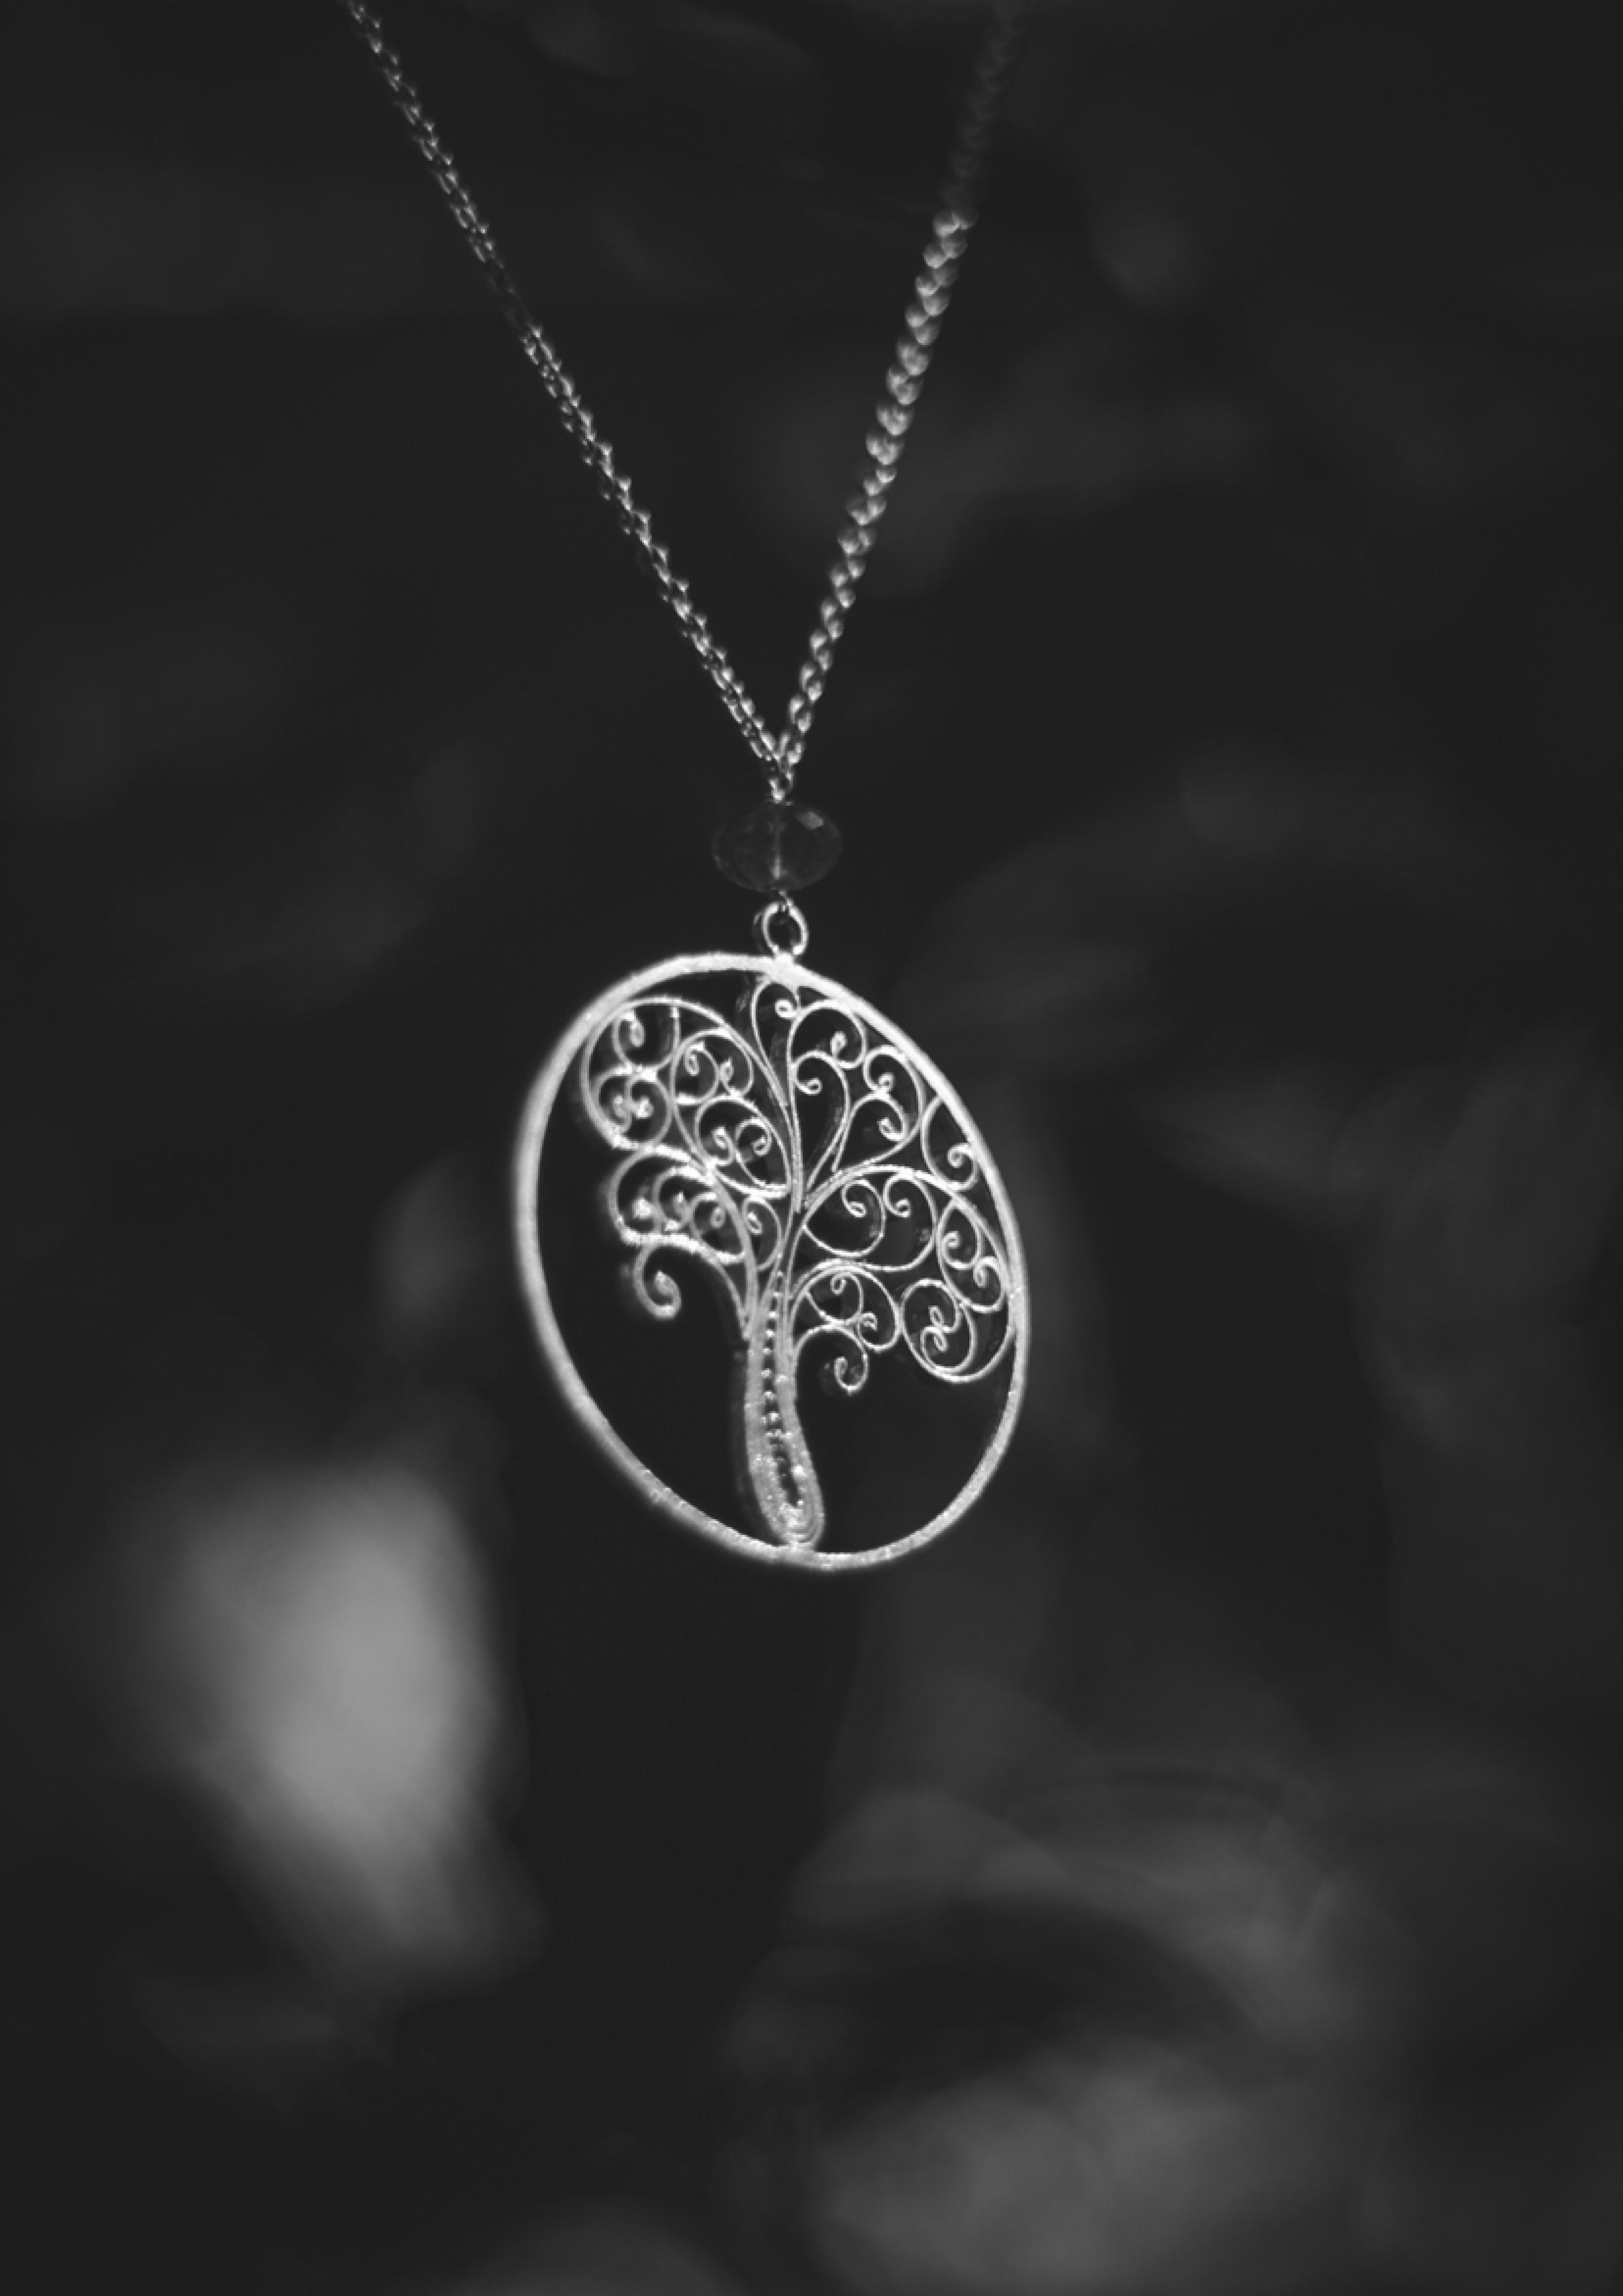 Jewelry Necklace.jpg